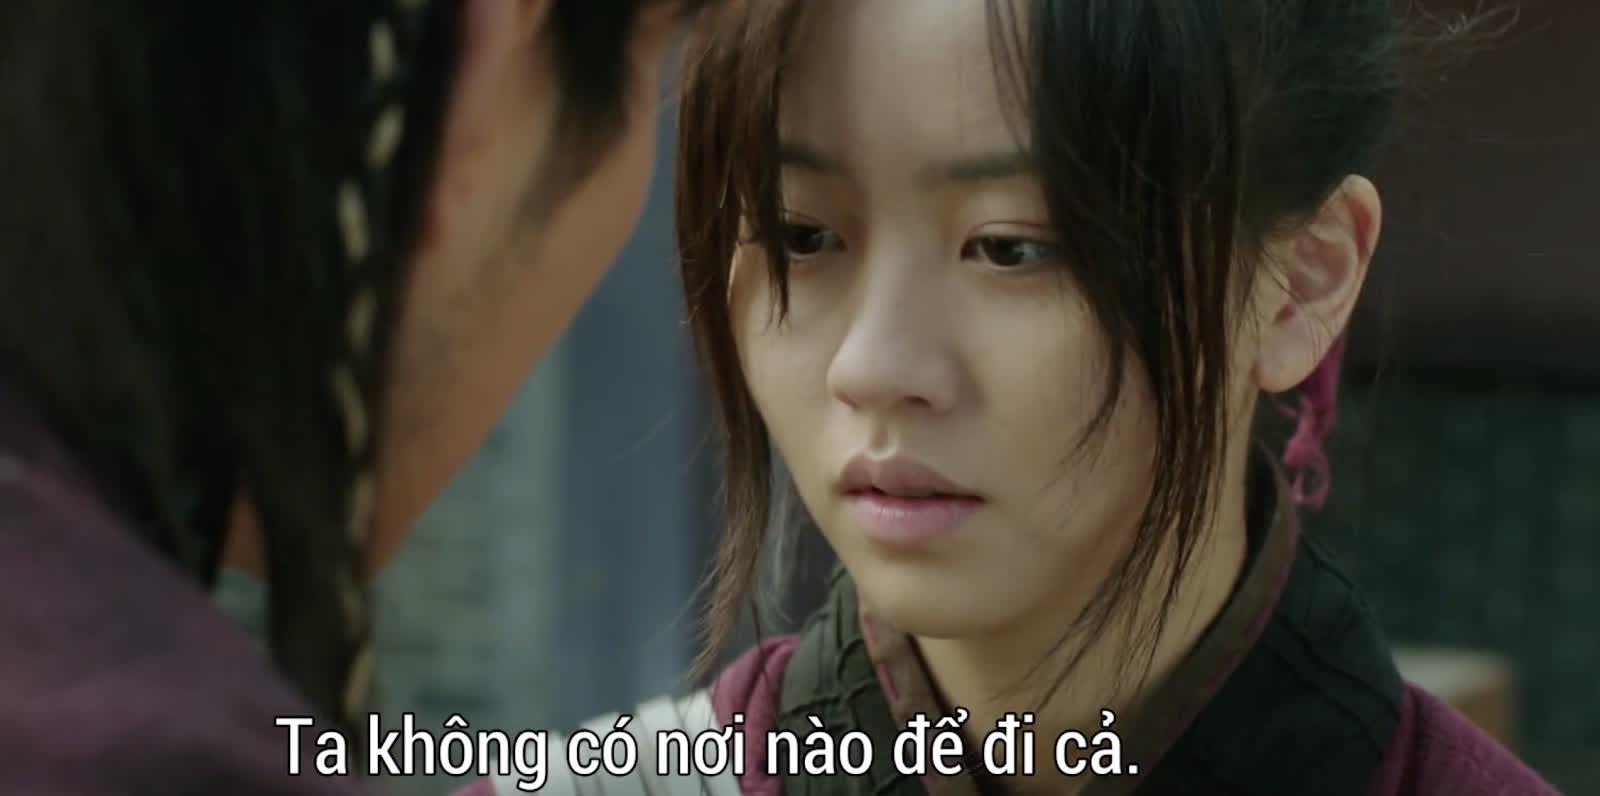 Vừa mới dẫn Kim So Hyun về ra mắt, Ji Soo phát hiện crush là kẻ gián tiếp giết cha ở Sông Đón Trăng Lên? - Ảnh 5.